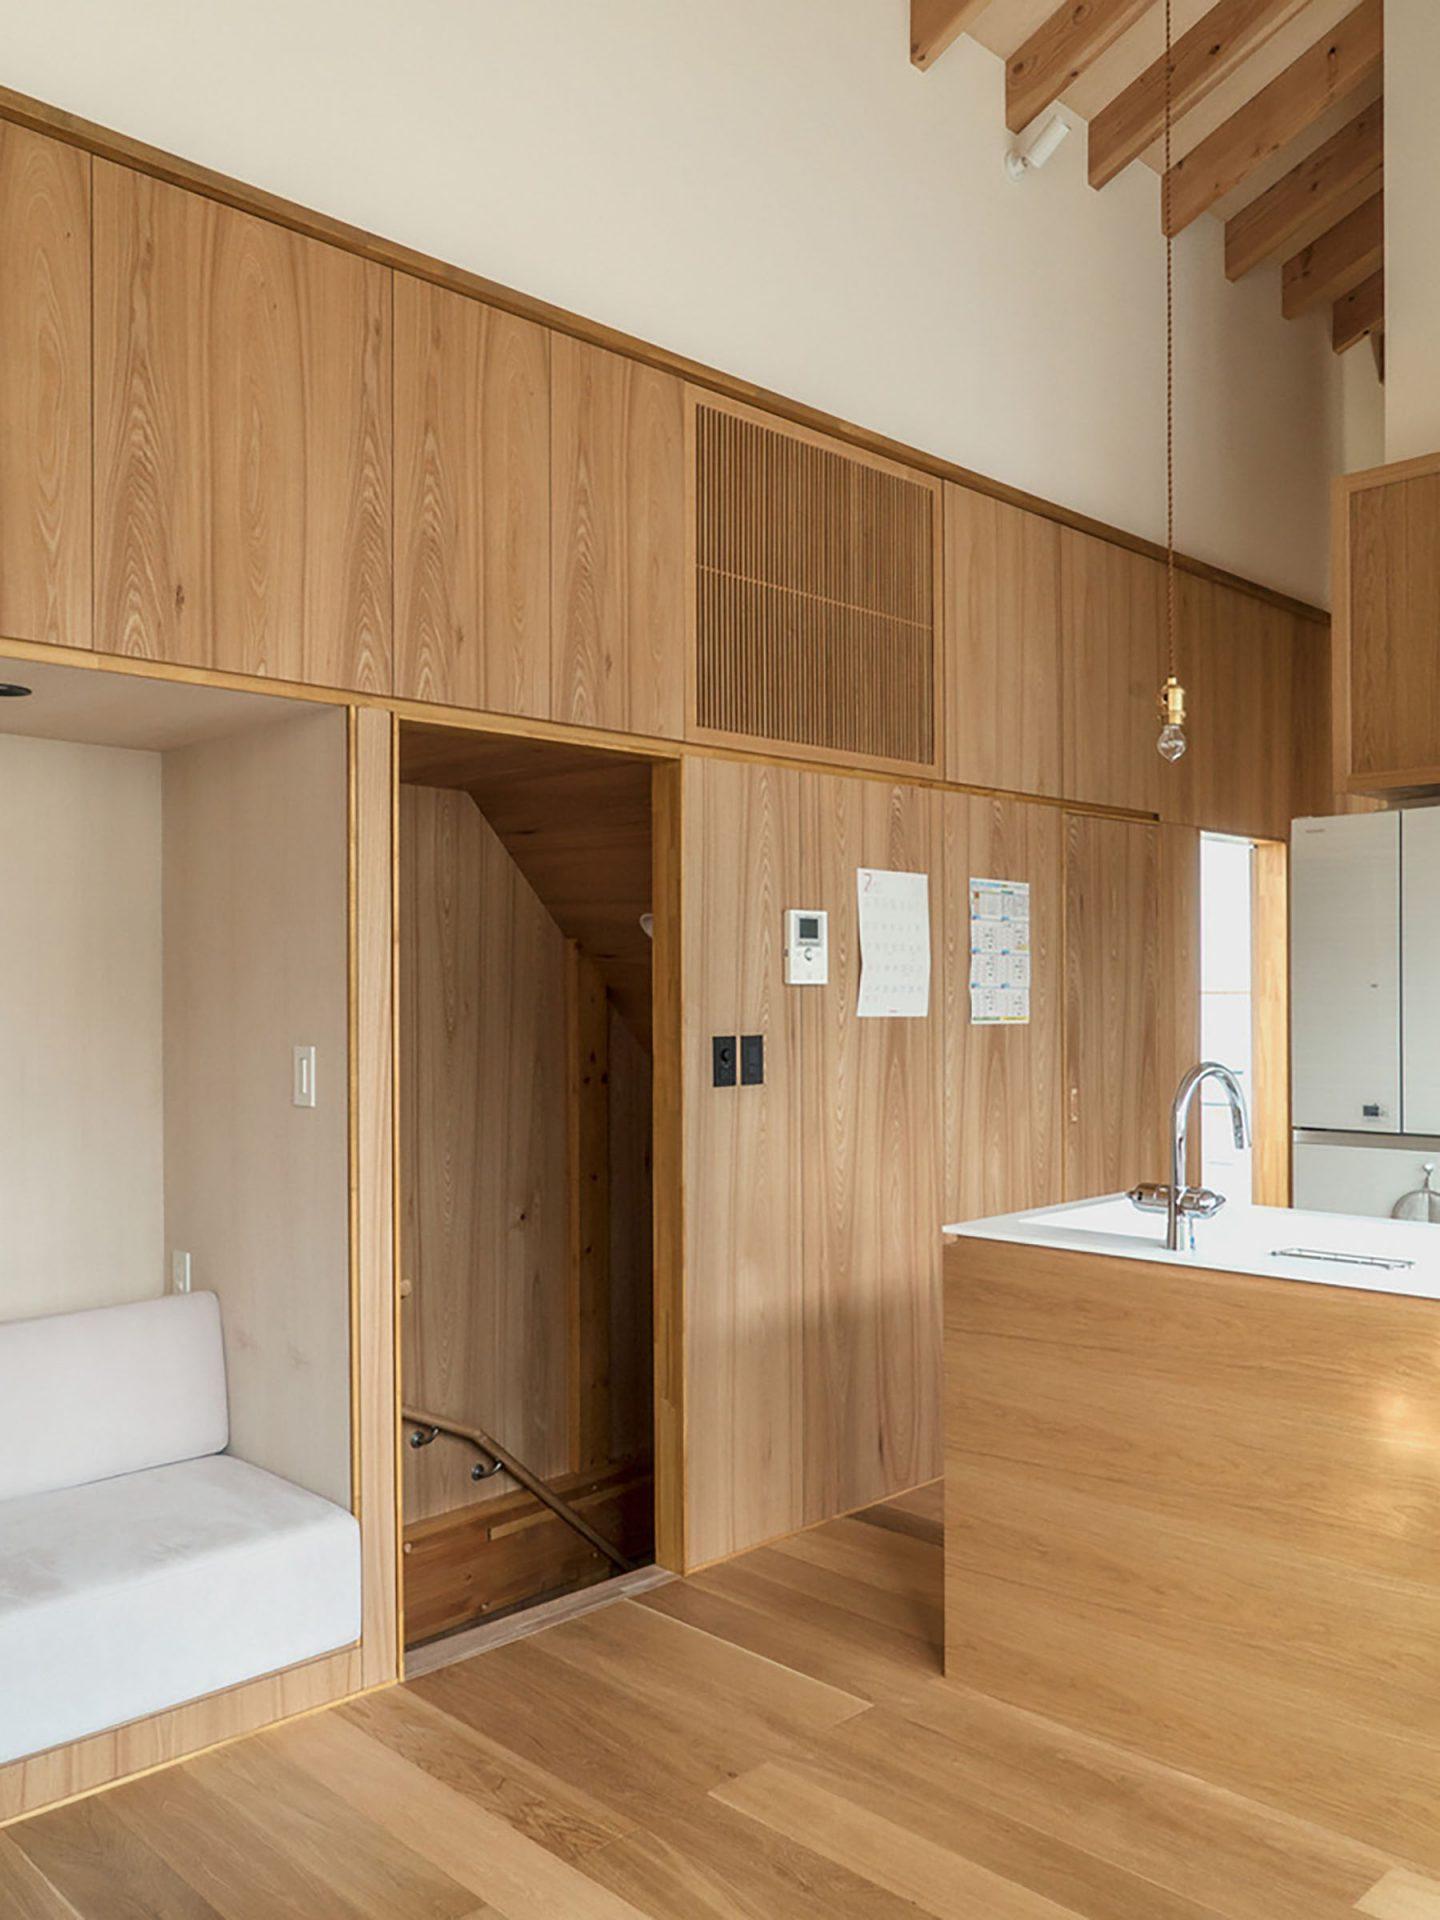 iGNANT-Architecture-Schenk-Hattori-Housing-Complex-012